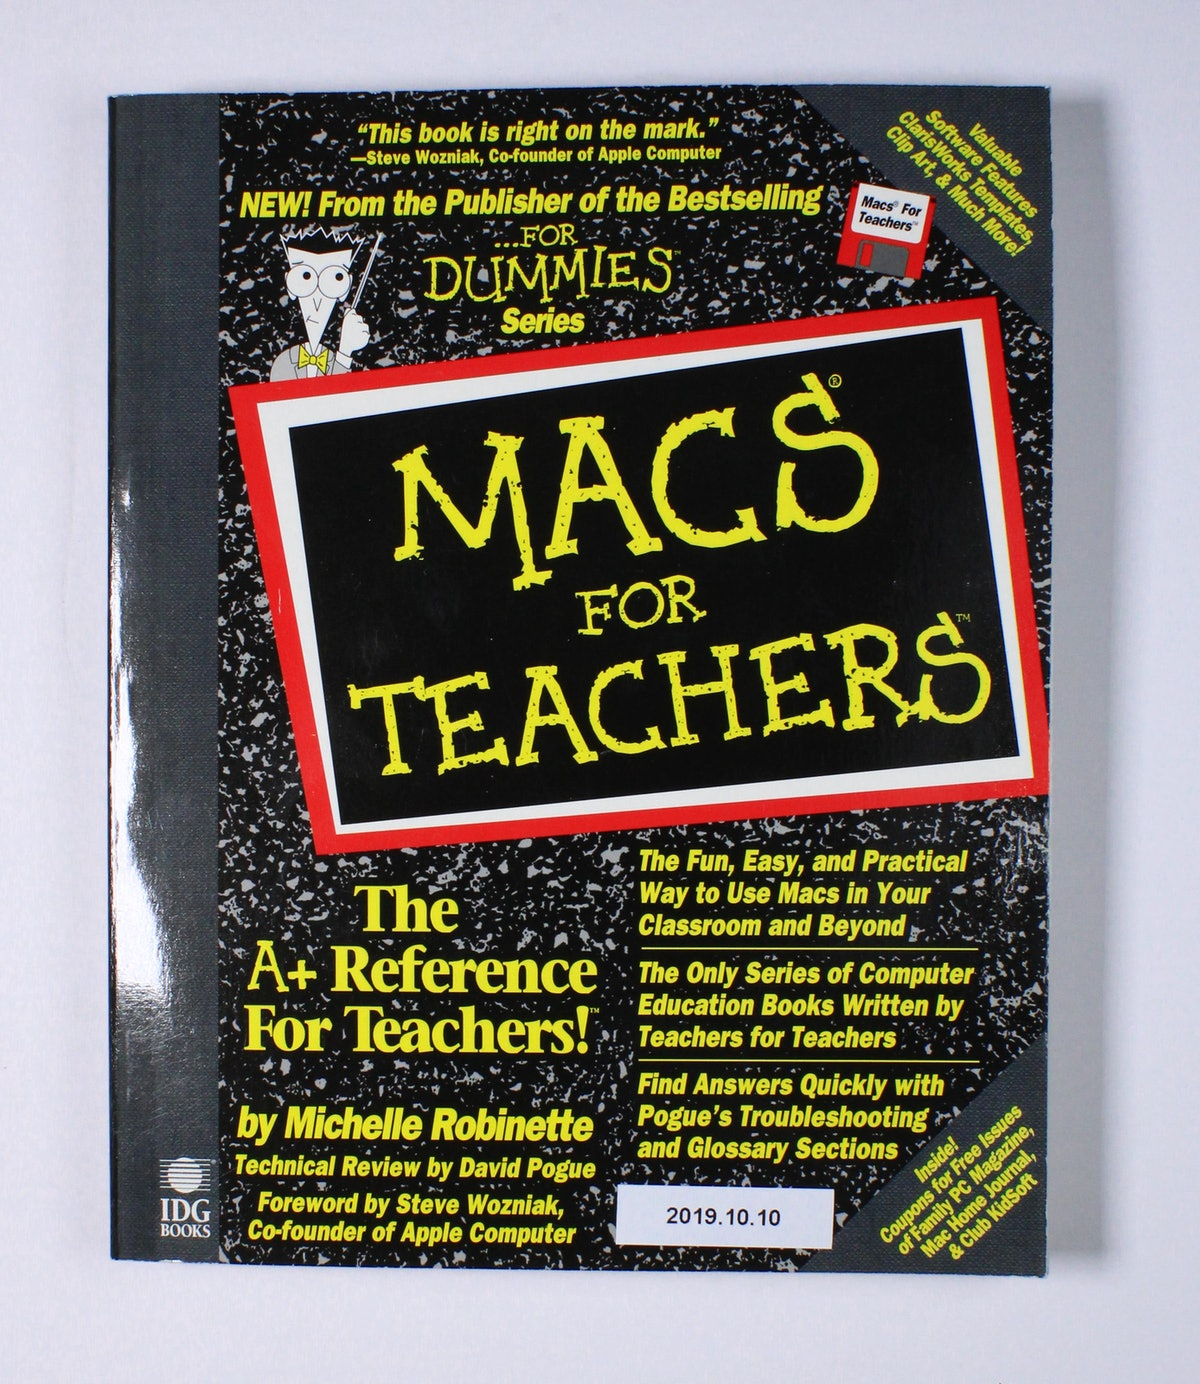 MACS for Teachers